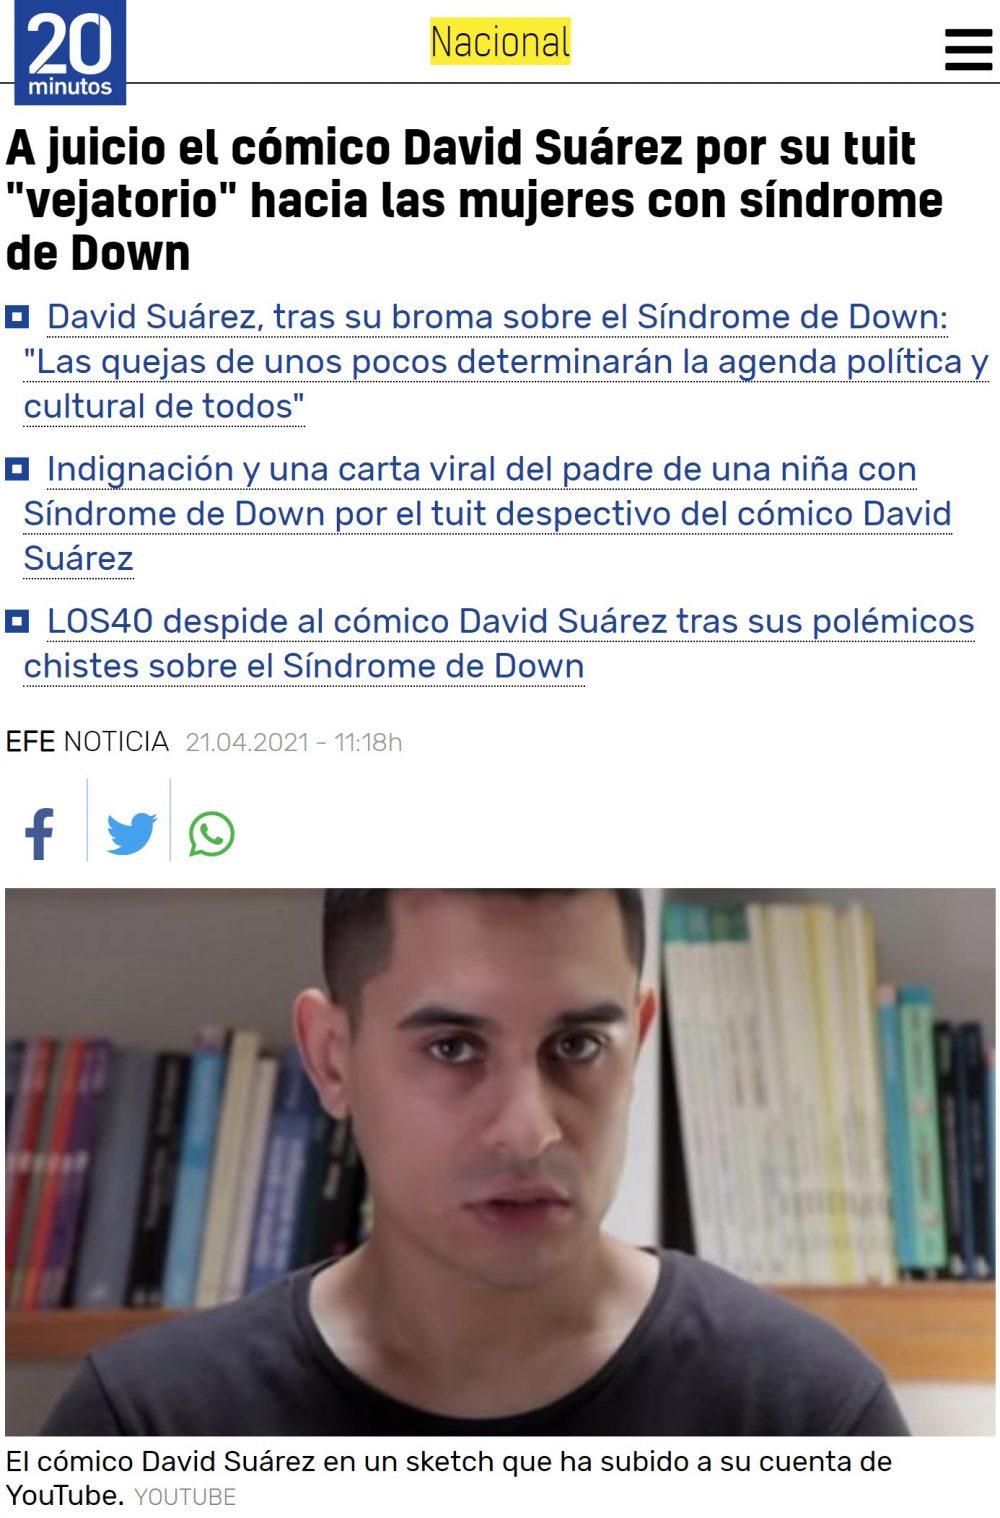 """David Suárez: le piden 5 años de inhabilitación """"para la comedia"""" LOL"""